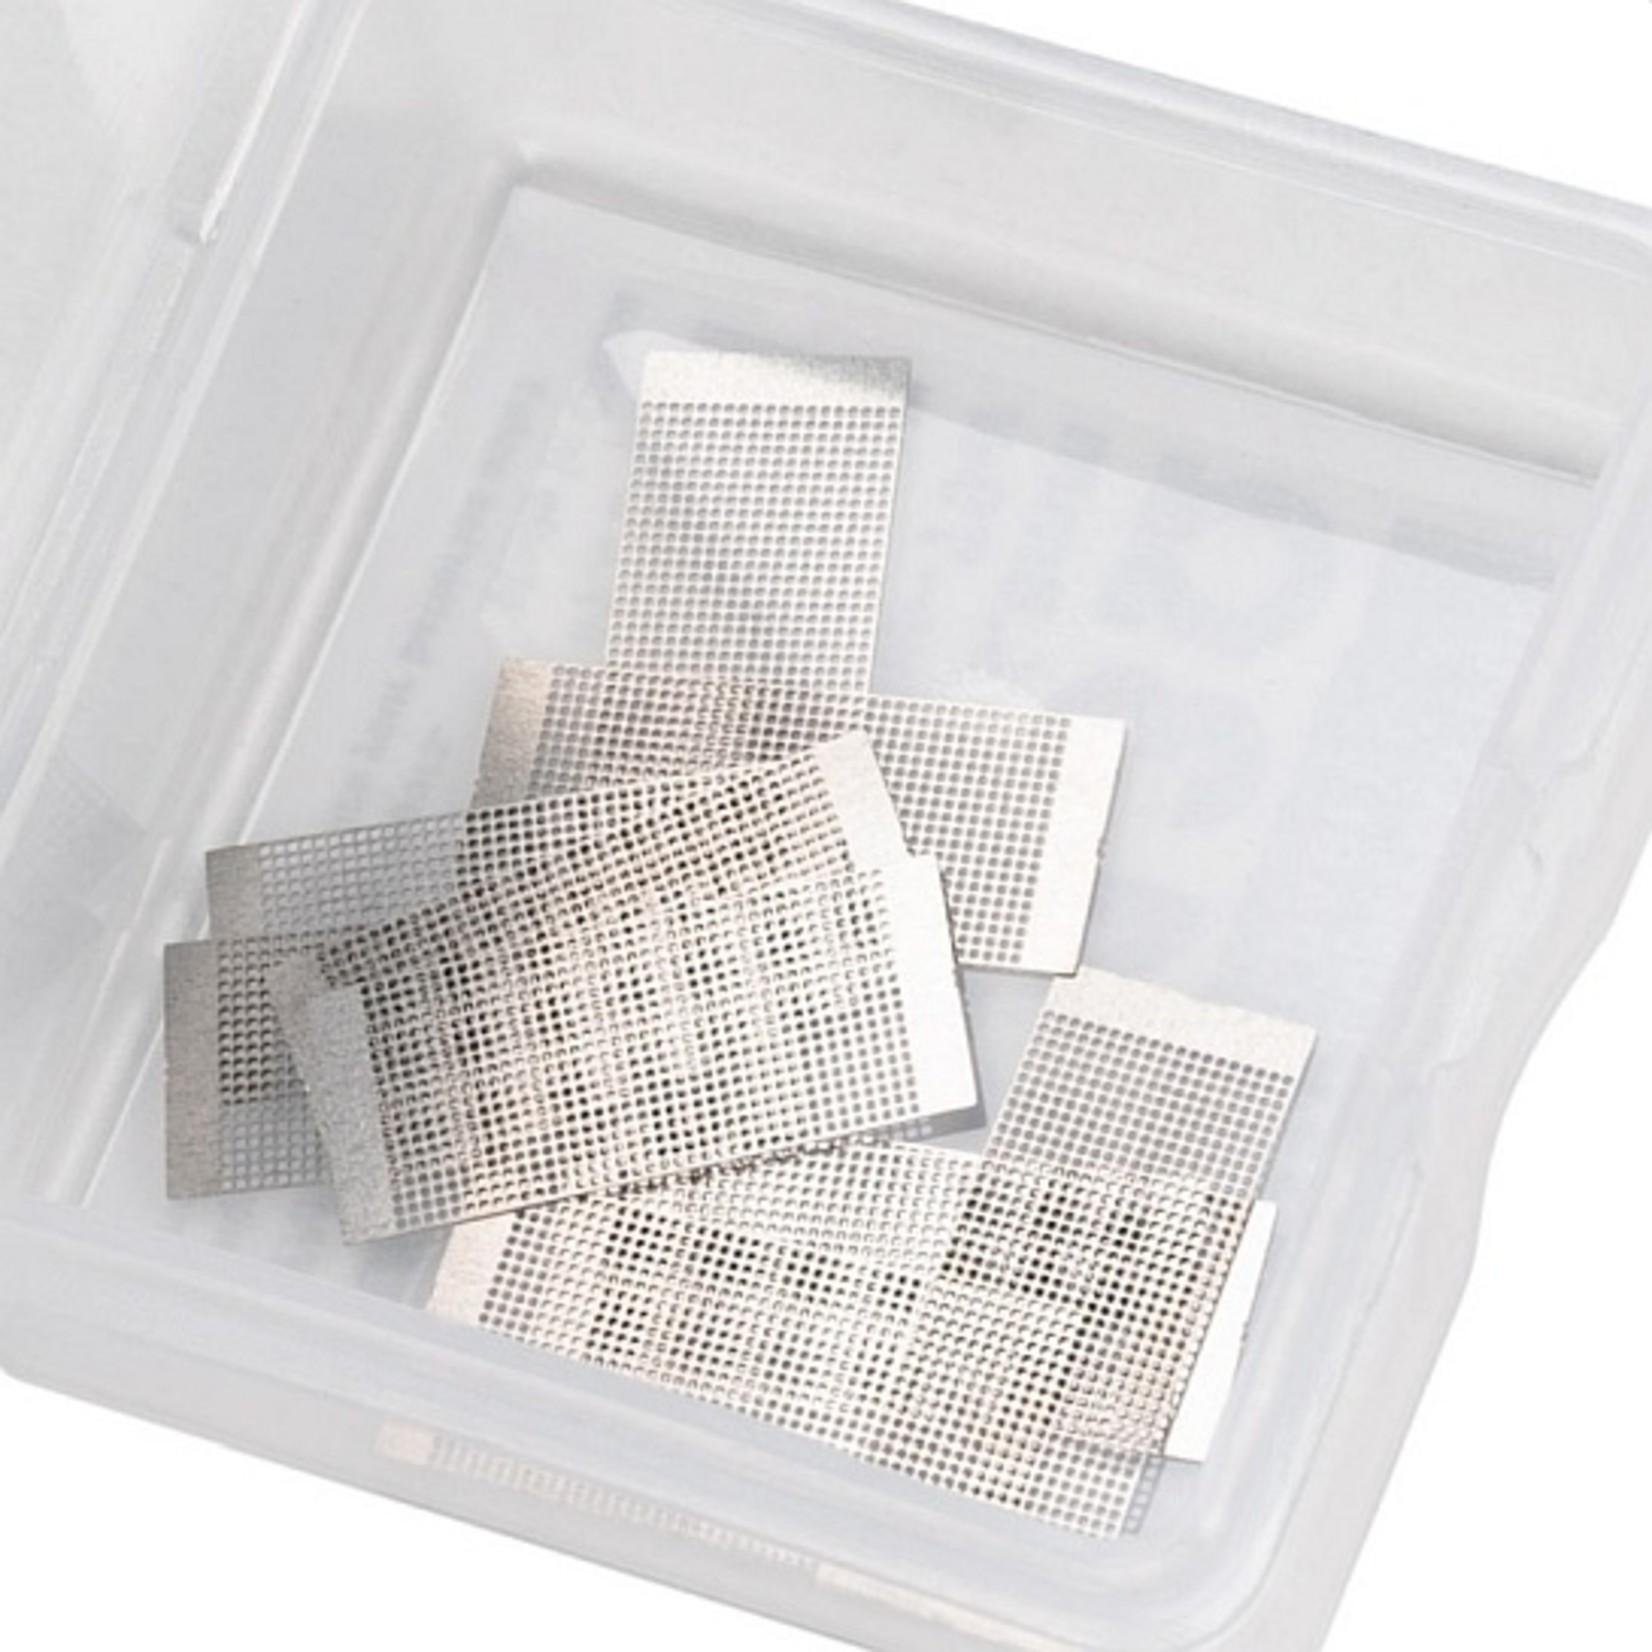 OFRF OFRF Nexmesh Strips 10 Pack